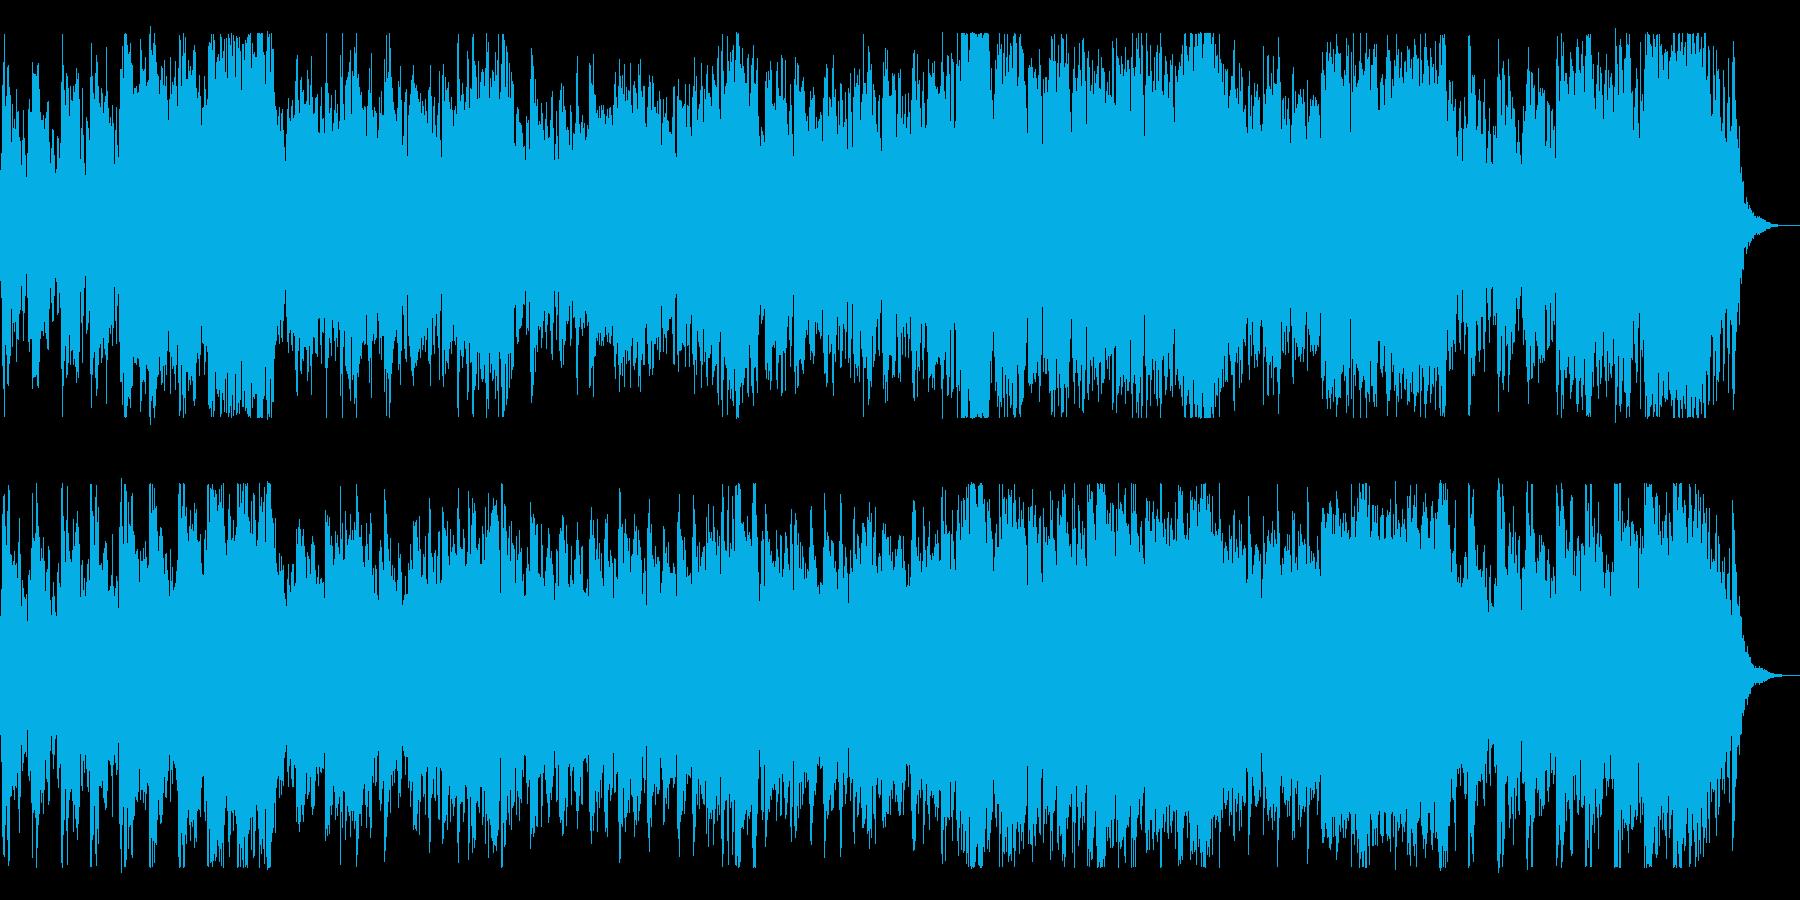 冒険したくなるようなダイナミックな曲の再生済みの波形